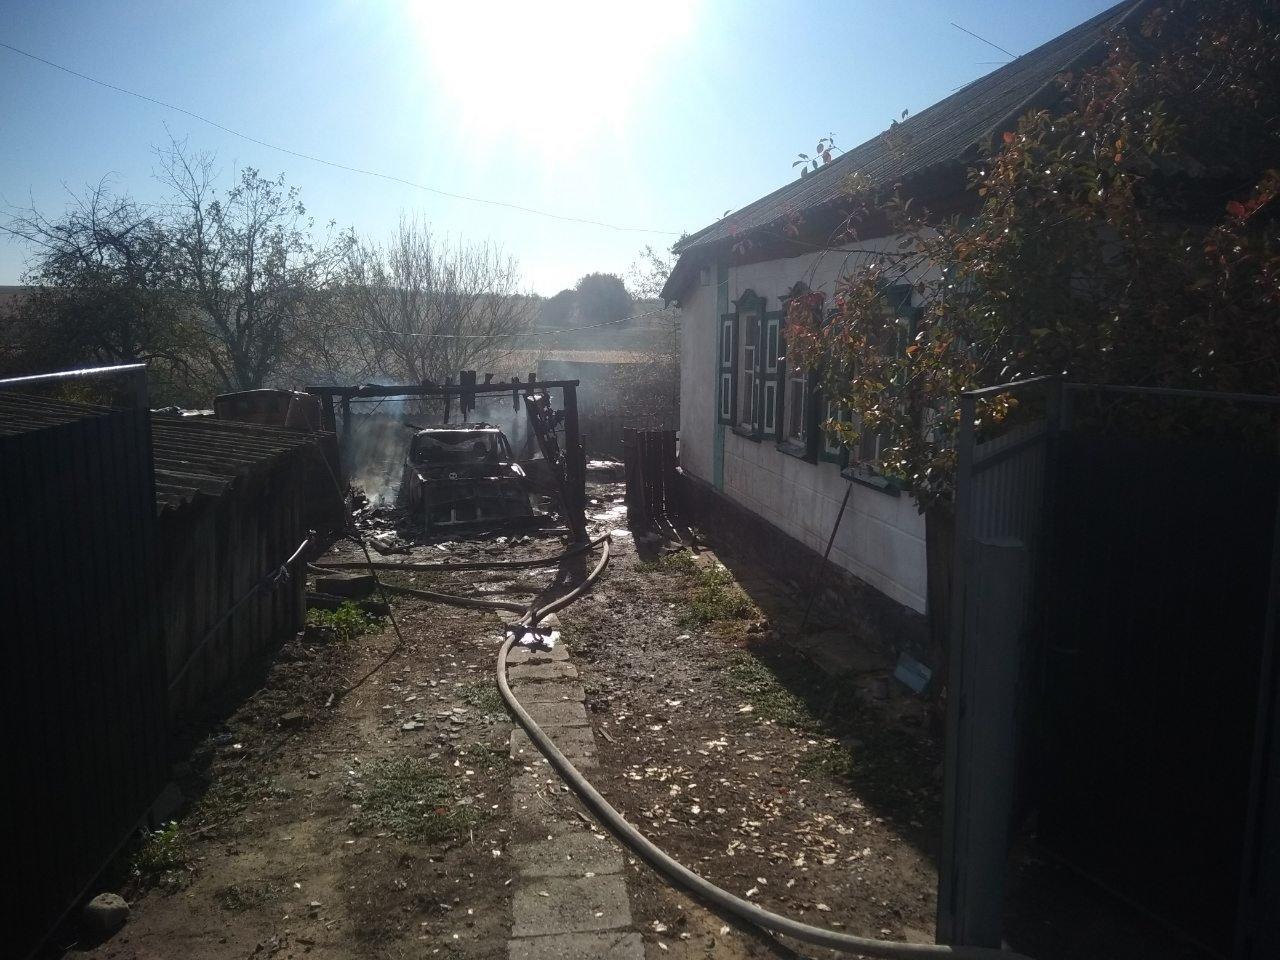 На Харьковщине из-за короткого замыкания полностью сгорел гараж вместе с автомобилем, - ФОТО, фото-4